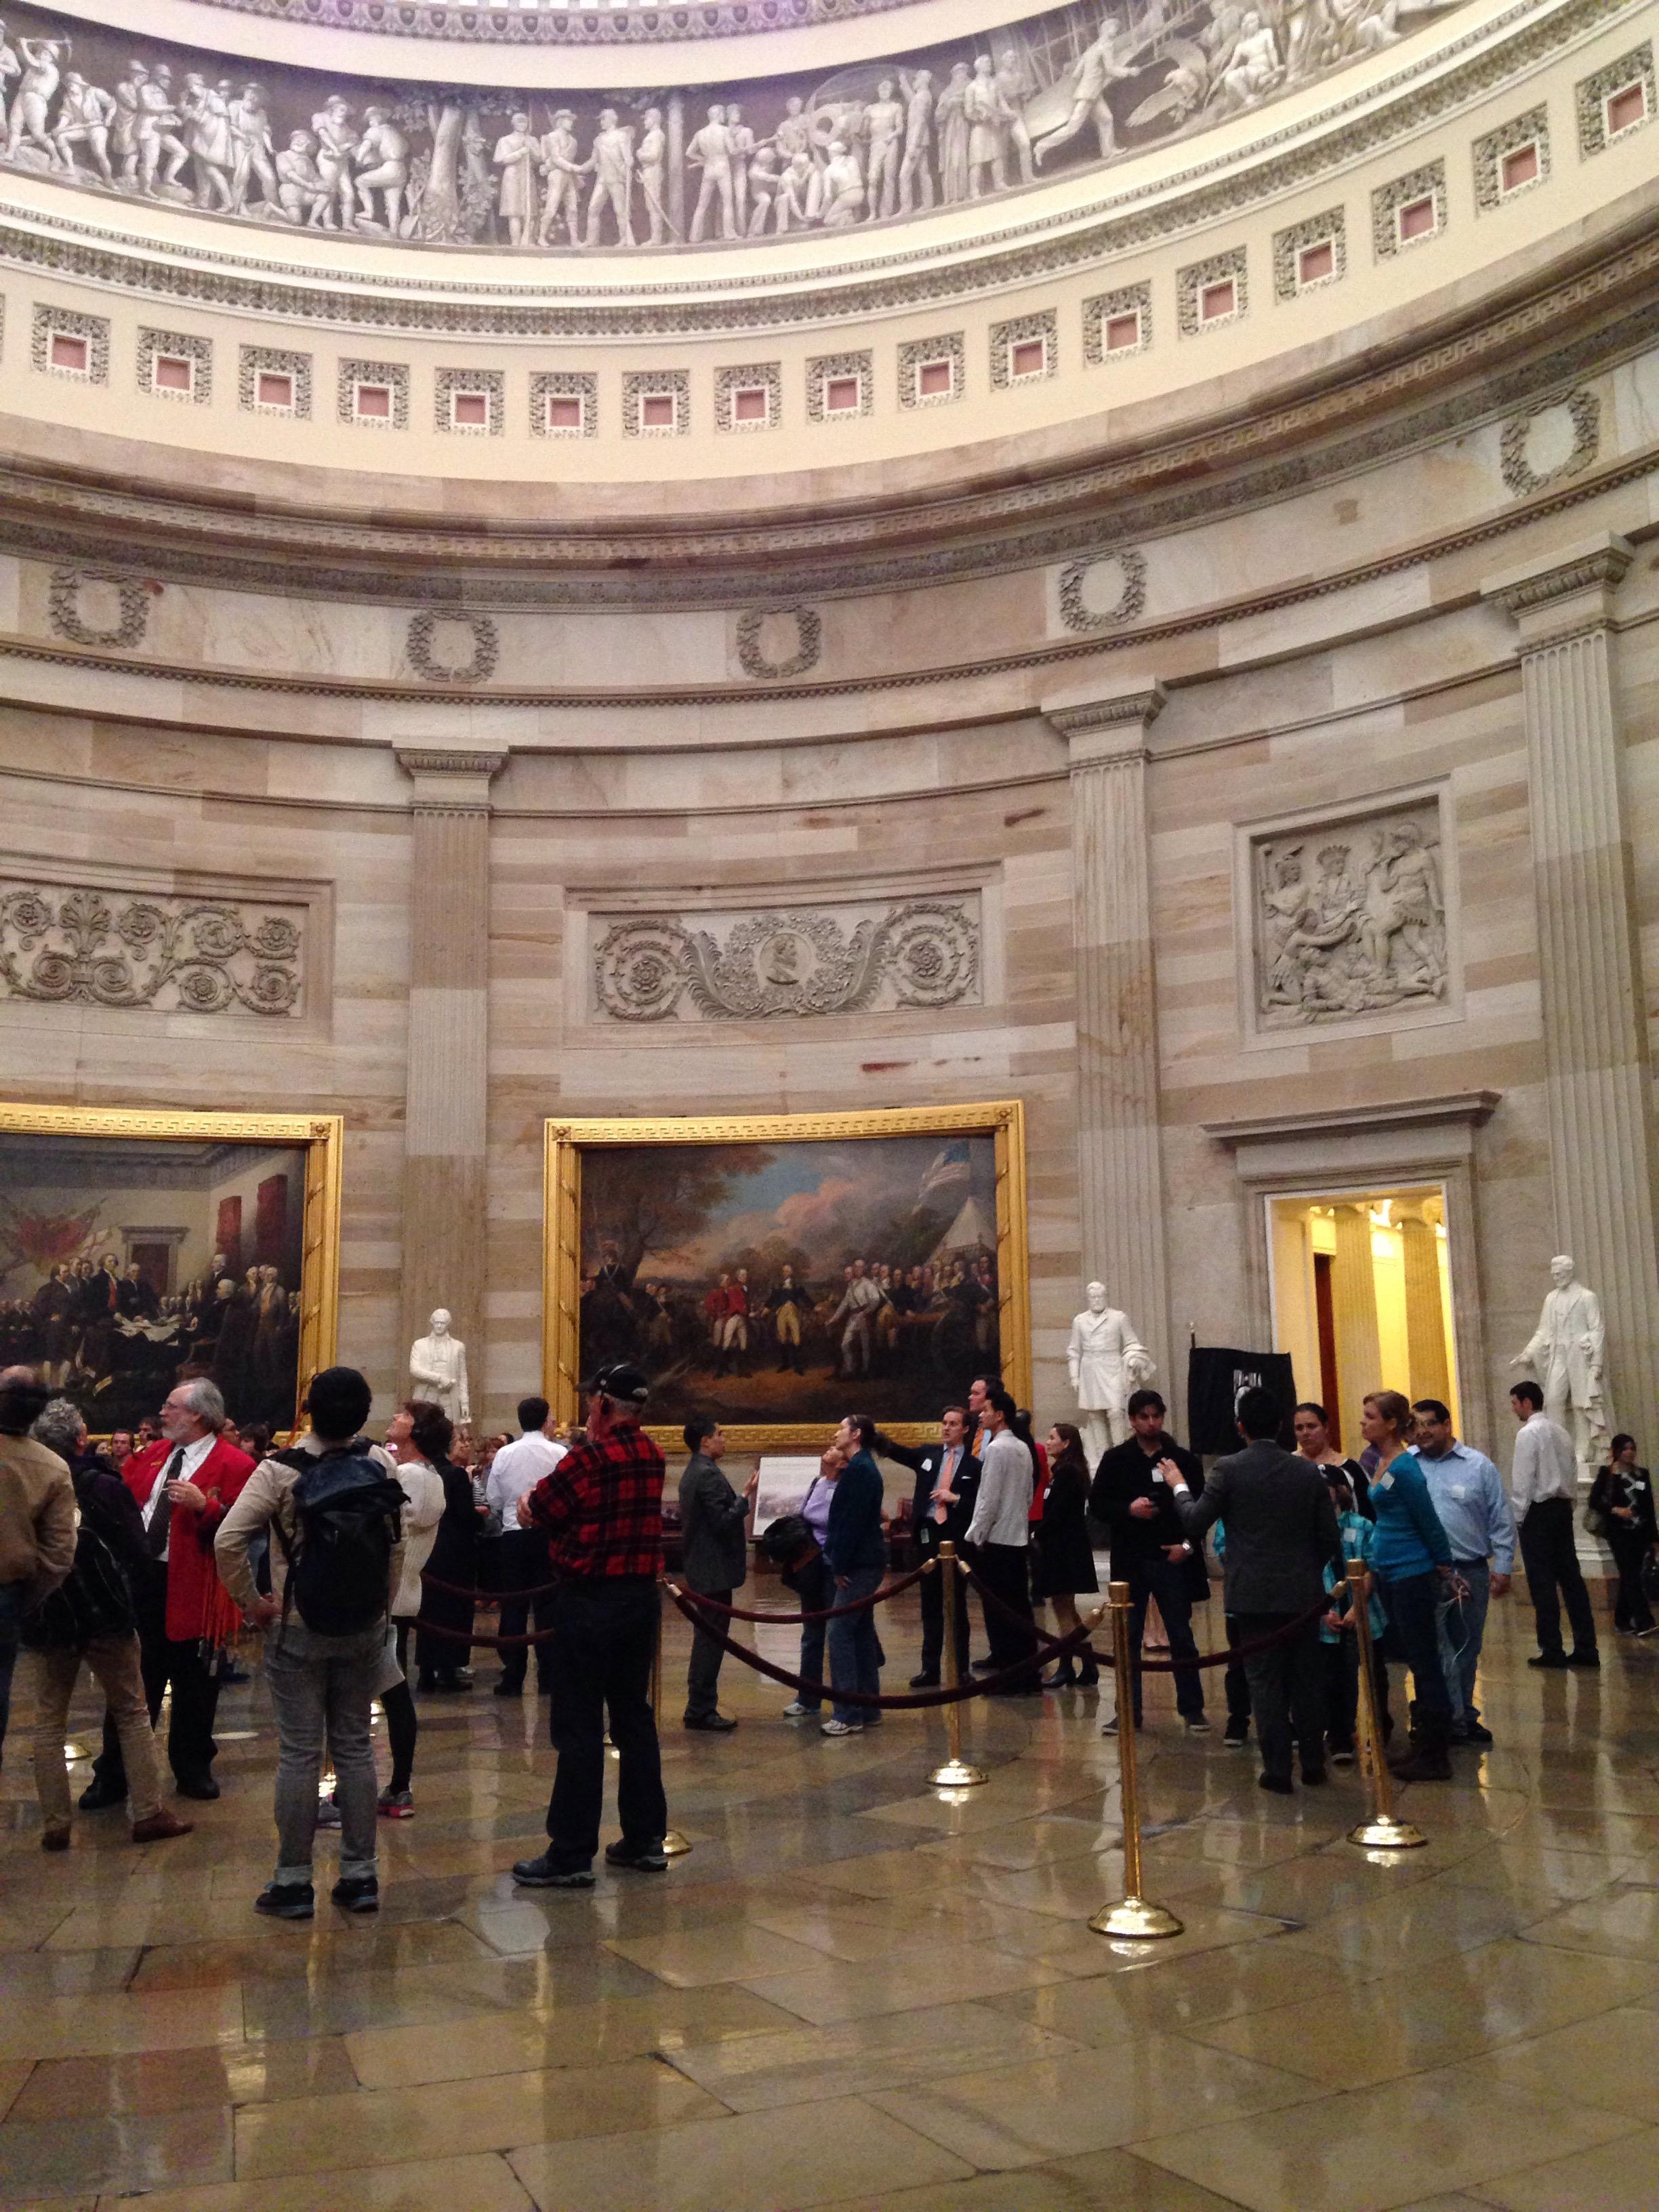 20141112 200058613 ios - Visitar el Congreso de Estados Unidos en Washington DC